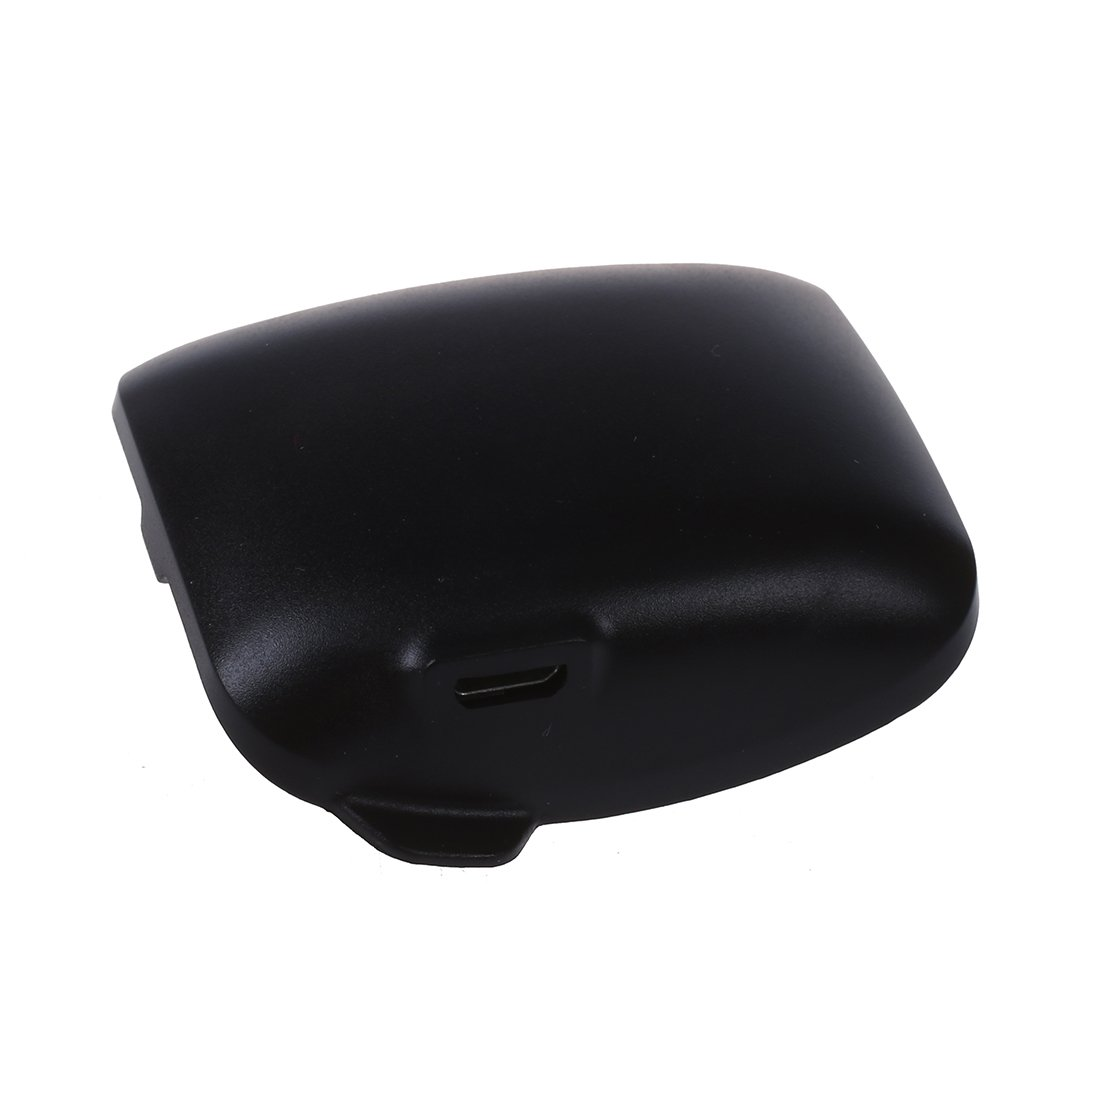 TOOGOO(R) Nueva carga para Samsung Gear S inteligente reloj SM-R750 cuna cargador del muelle + Cable USB Negro